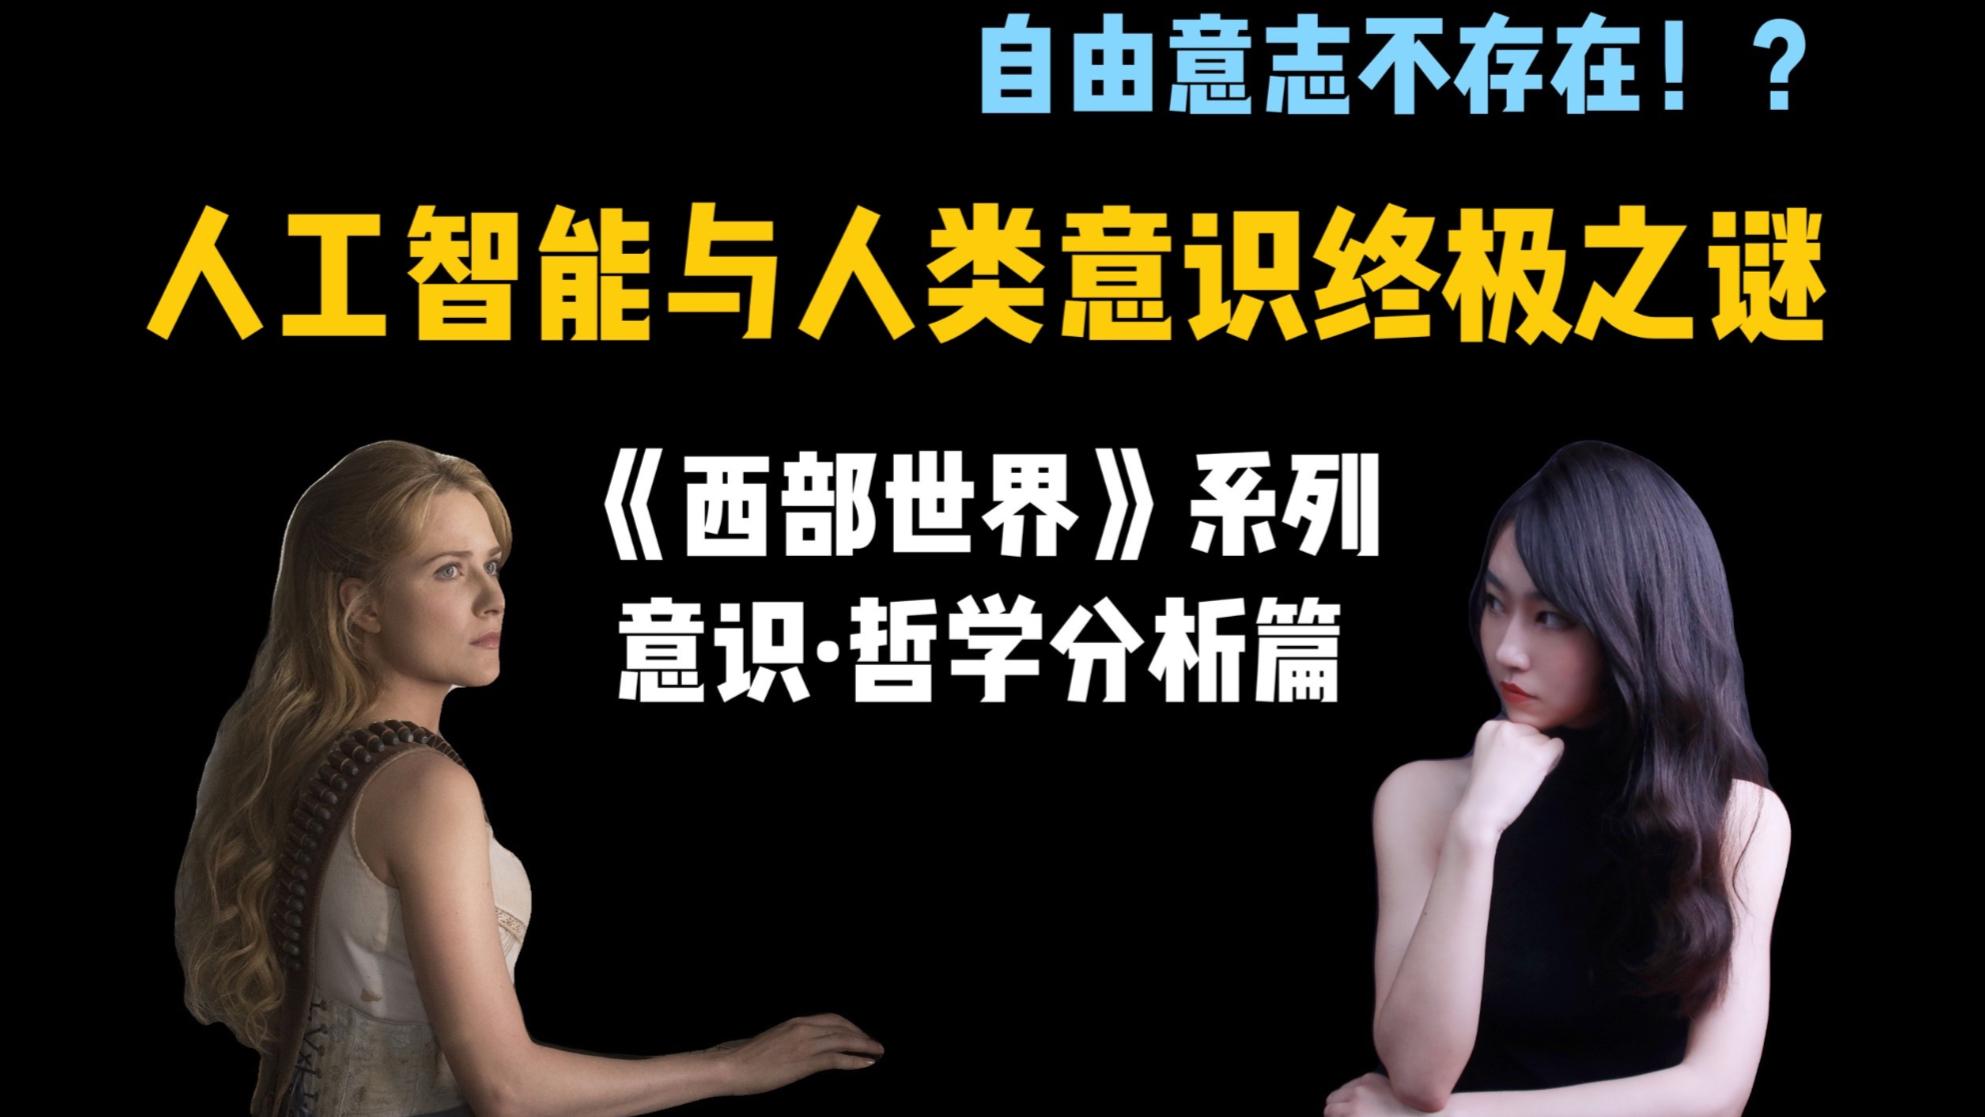 【李里西·讲谈】深度探究人类与人工智能的意识之谜《西部世界》意识·哲学篇